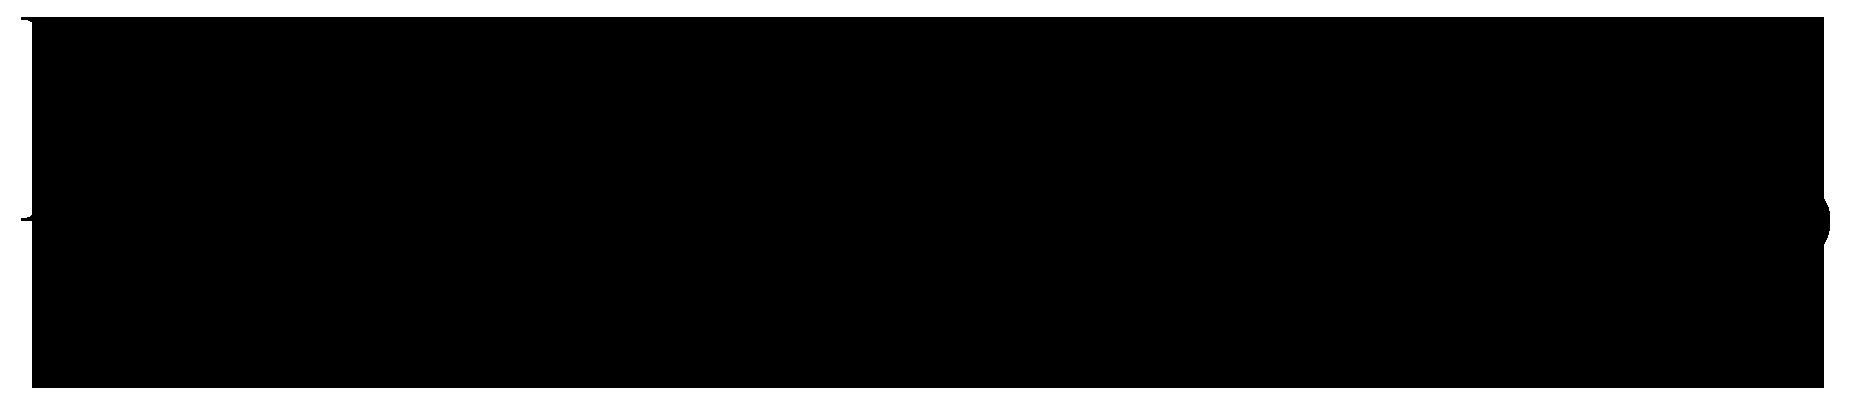 BMJ-1